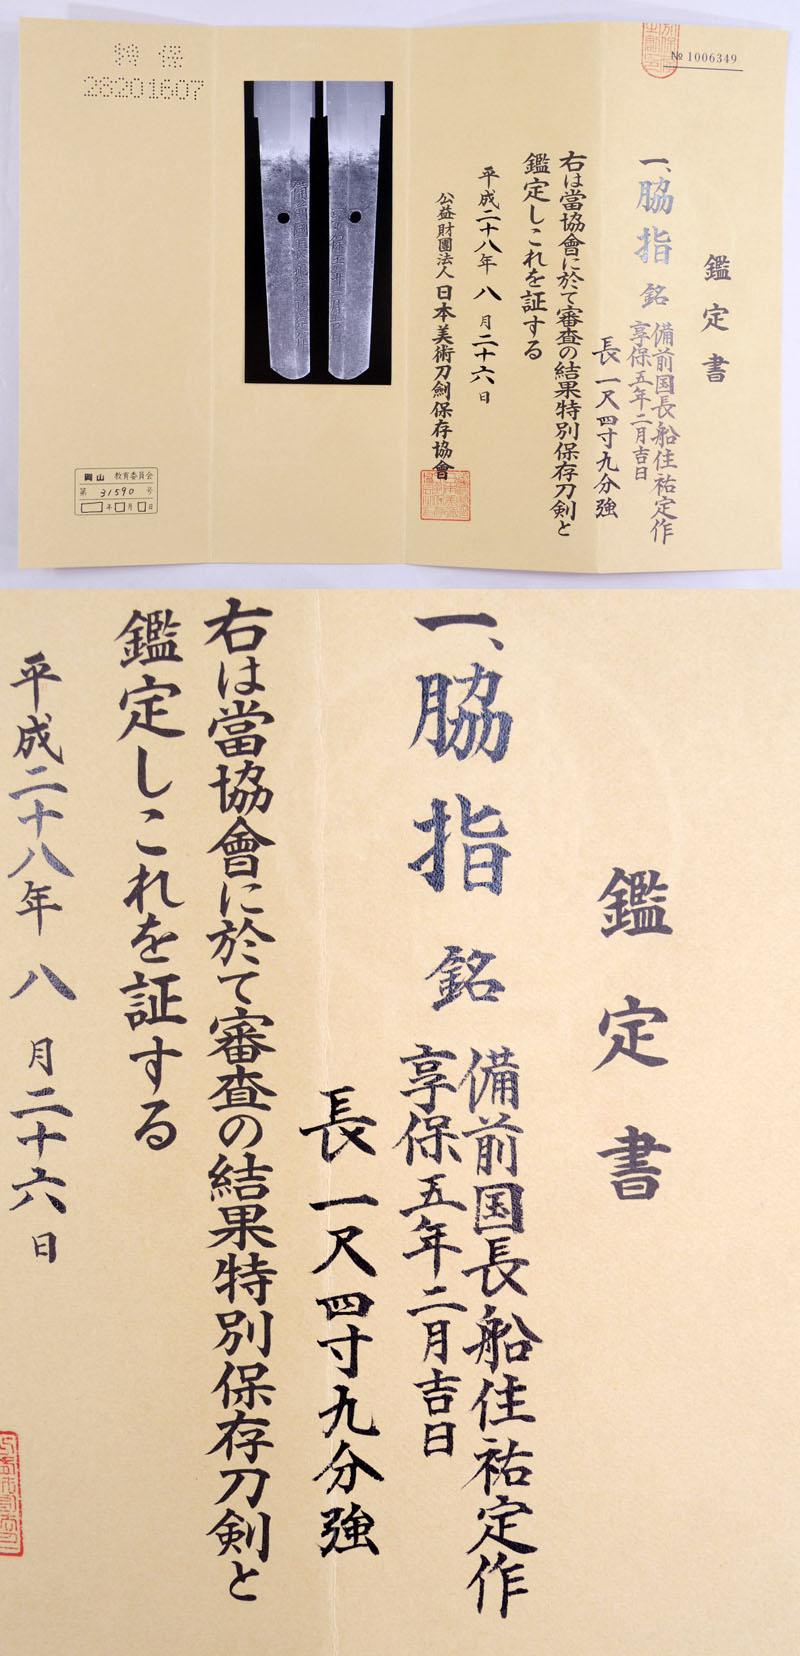 備前国長船住祐定作 Picture of Certificate